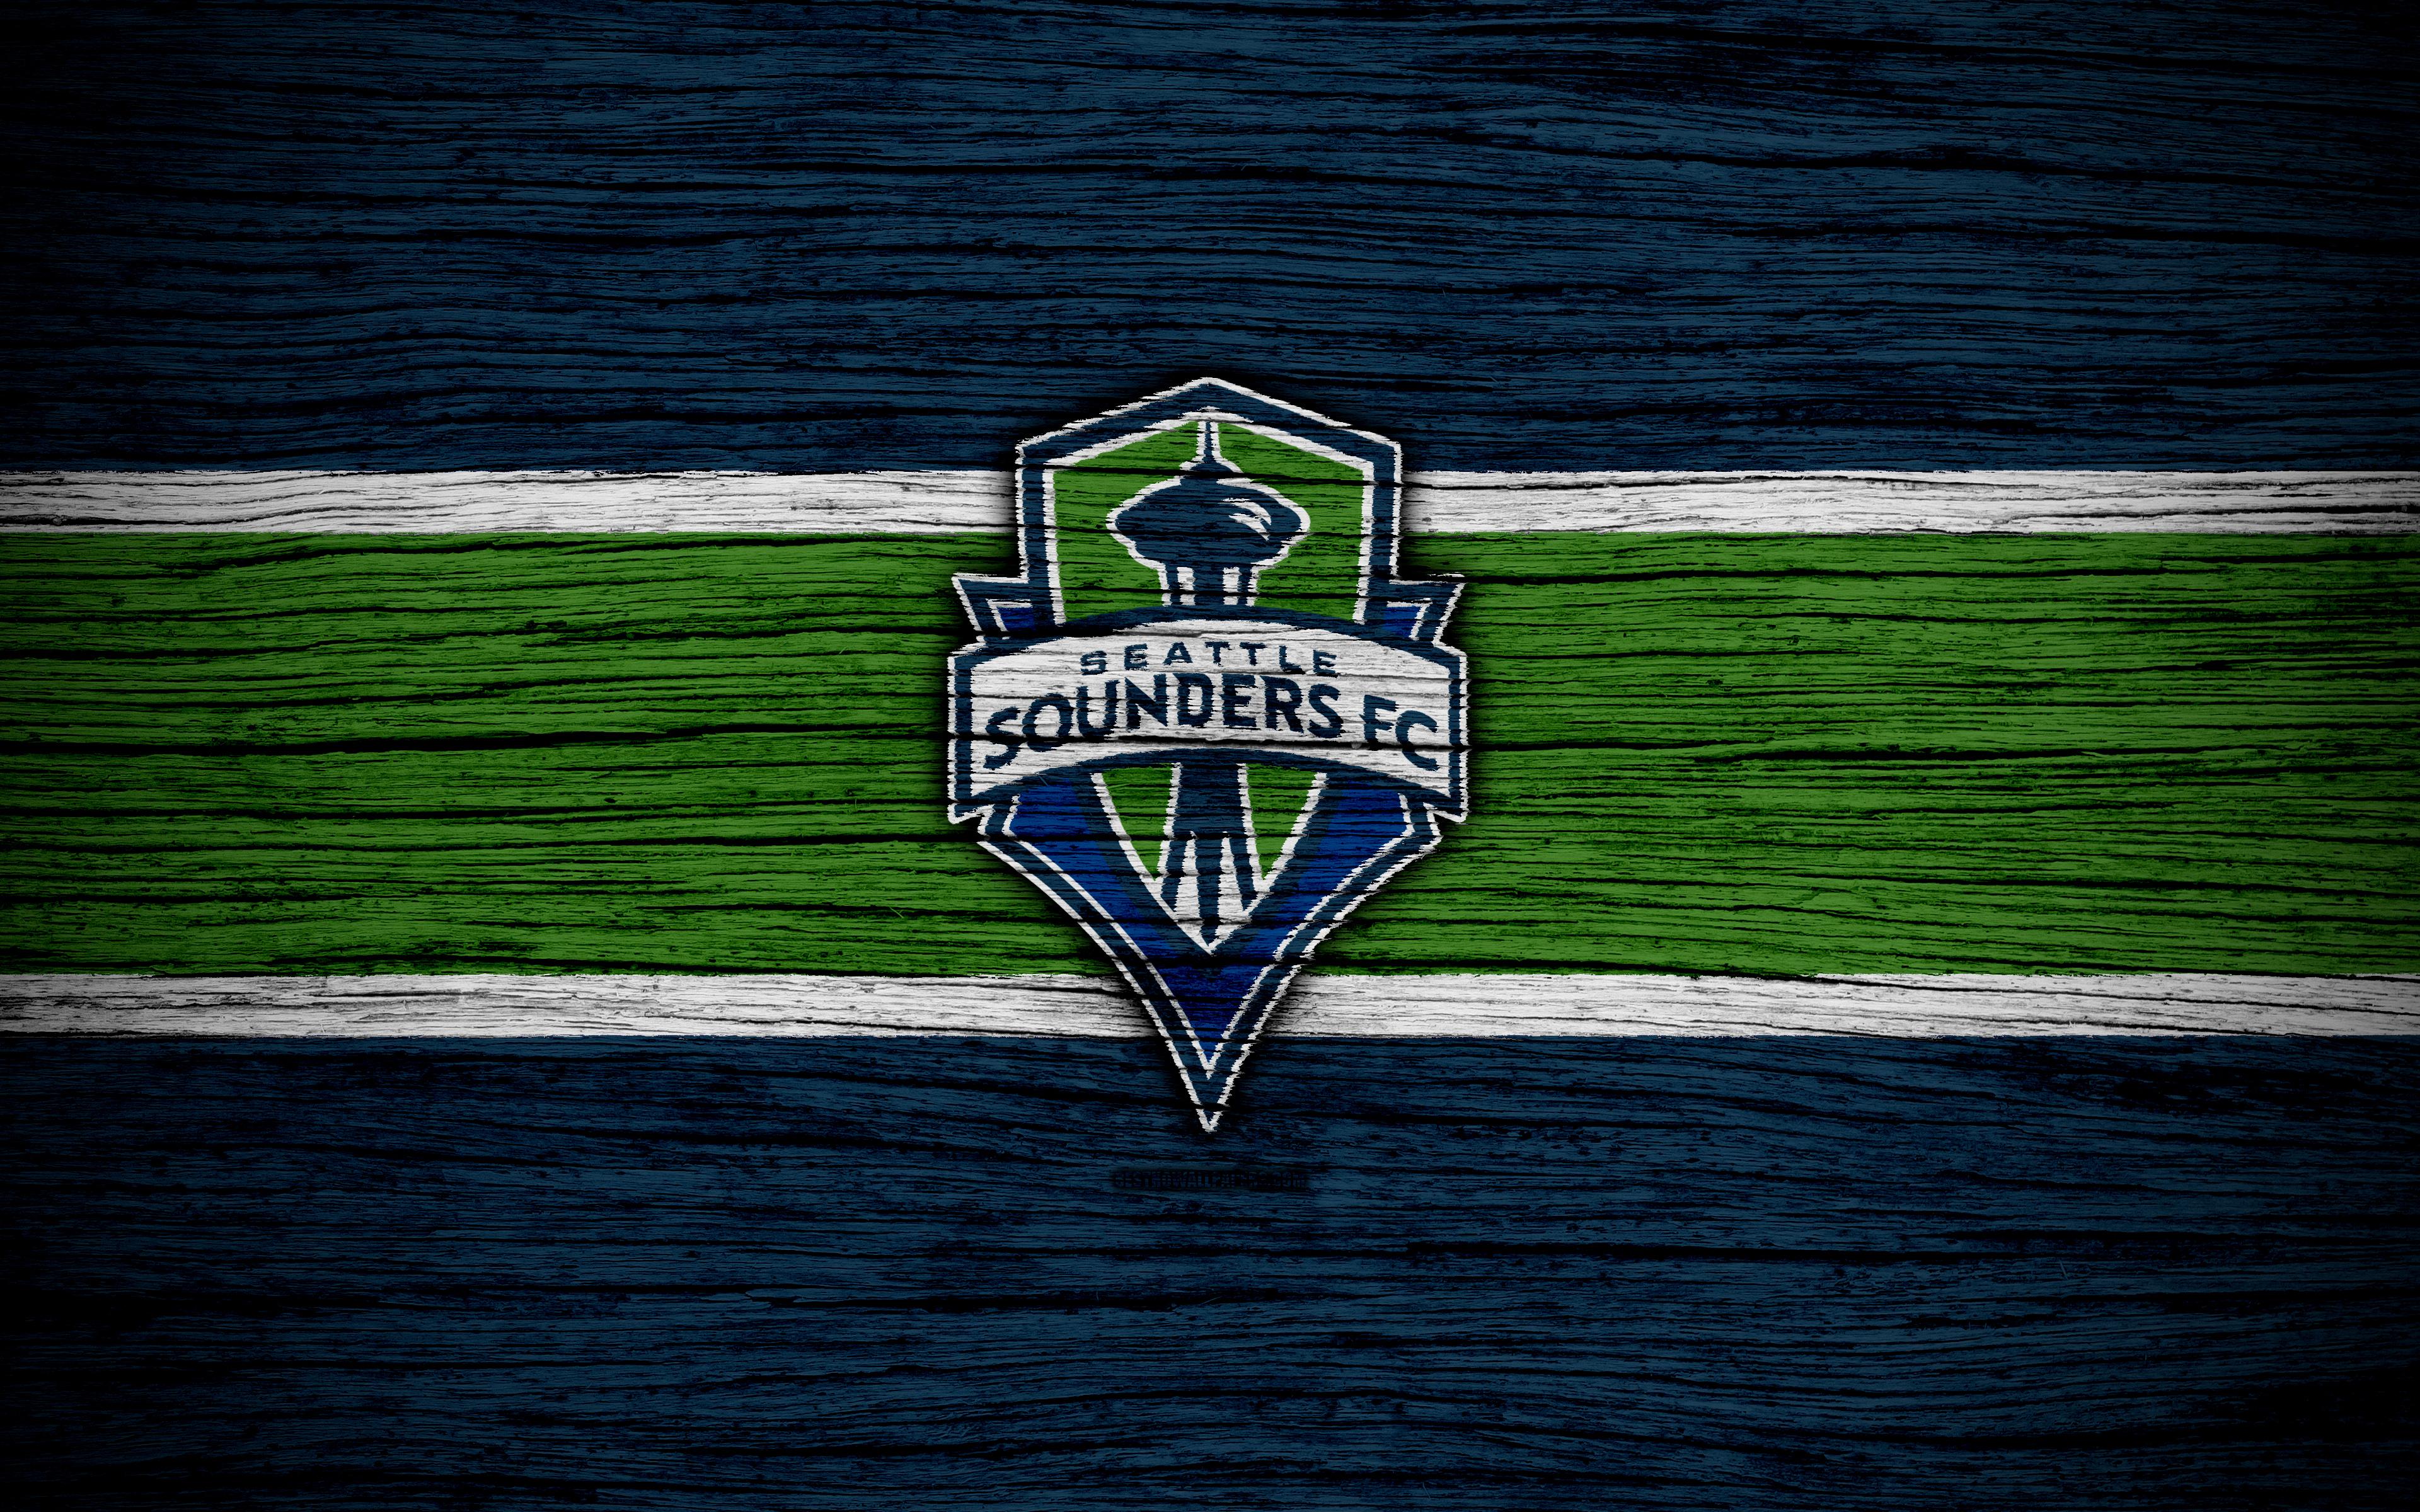 Download wallpapers Seattle Sounders 4k MLS wooden texture 3840x2400